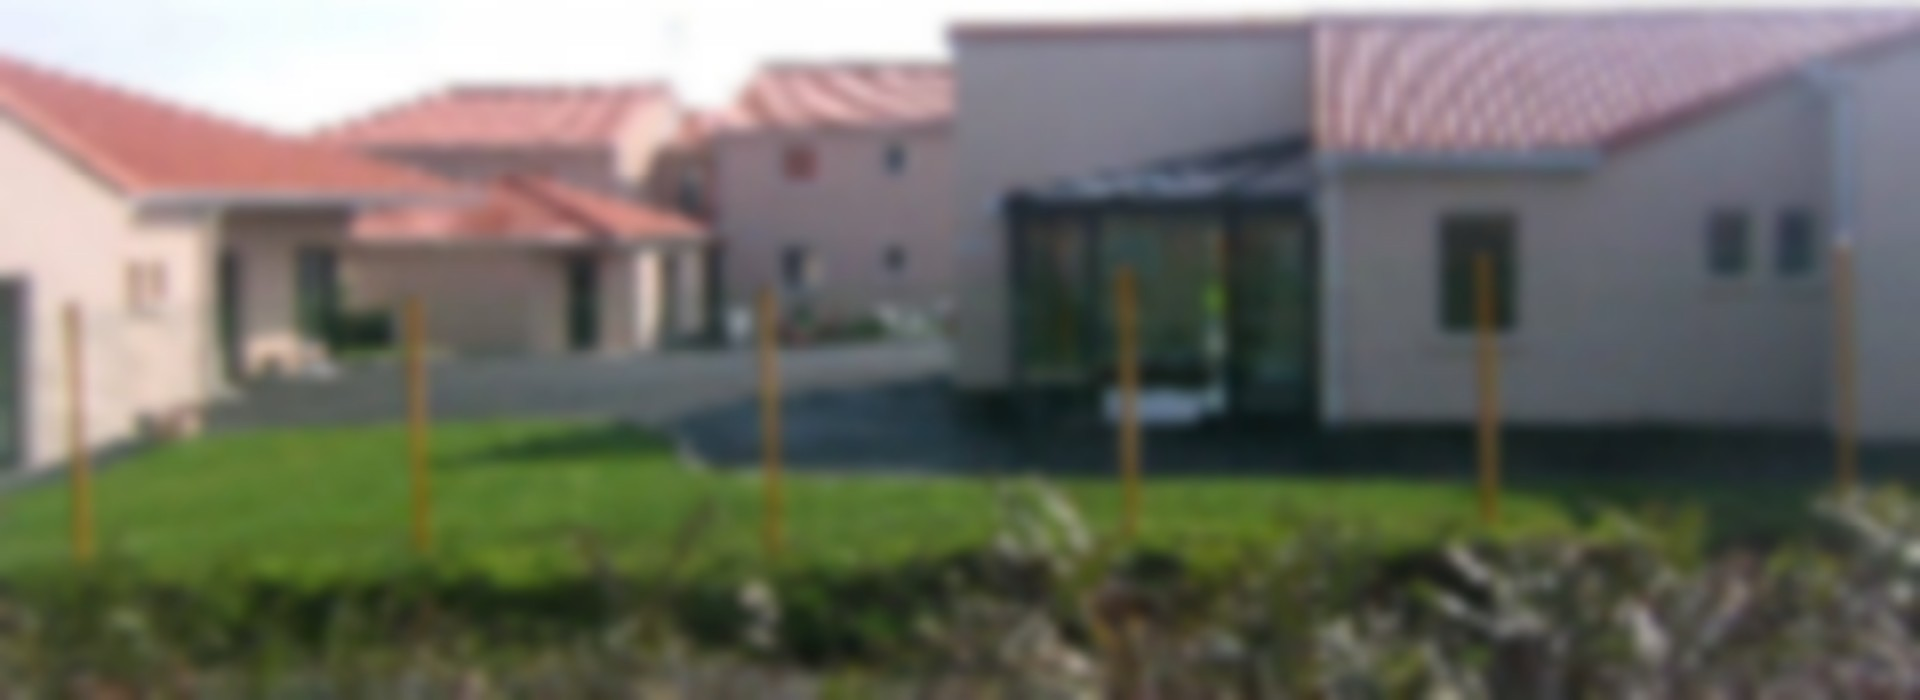 MAISON FAMILIALE RURALE LE VALLON: Hébergements collectifs France, Pays de la Loire